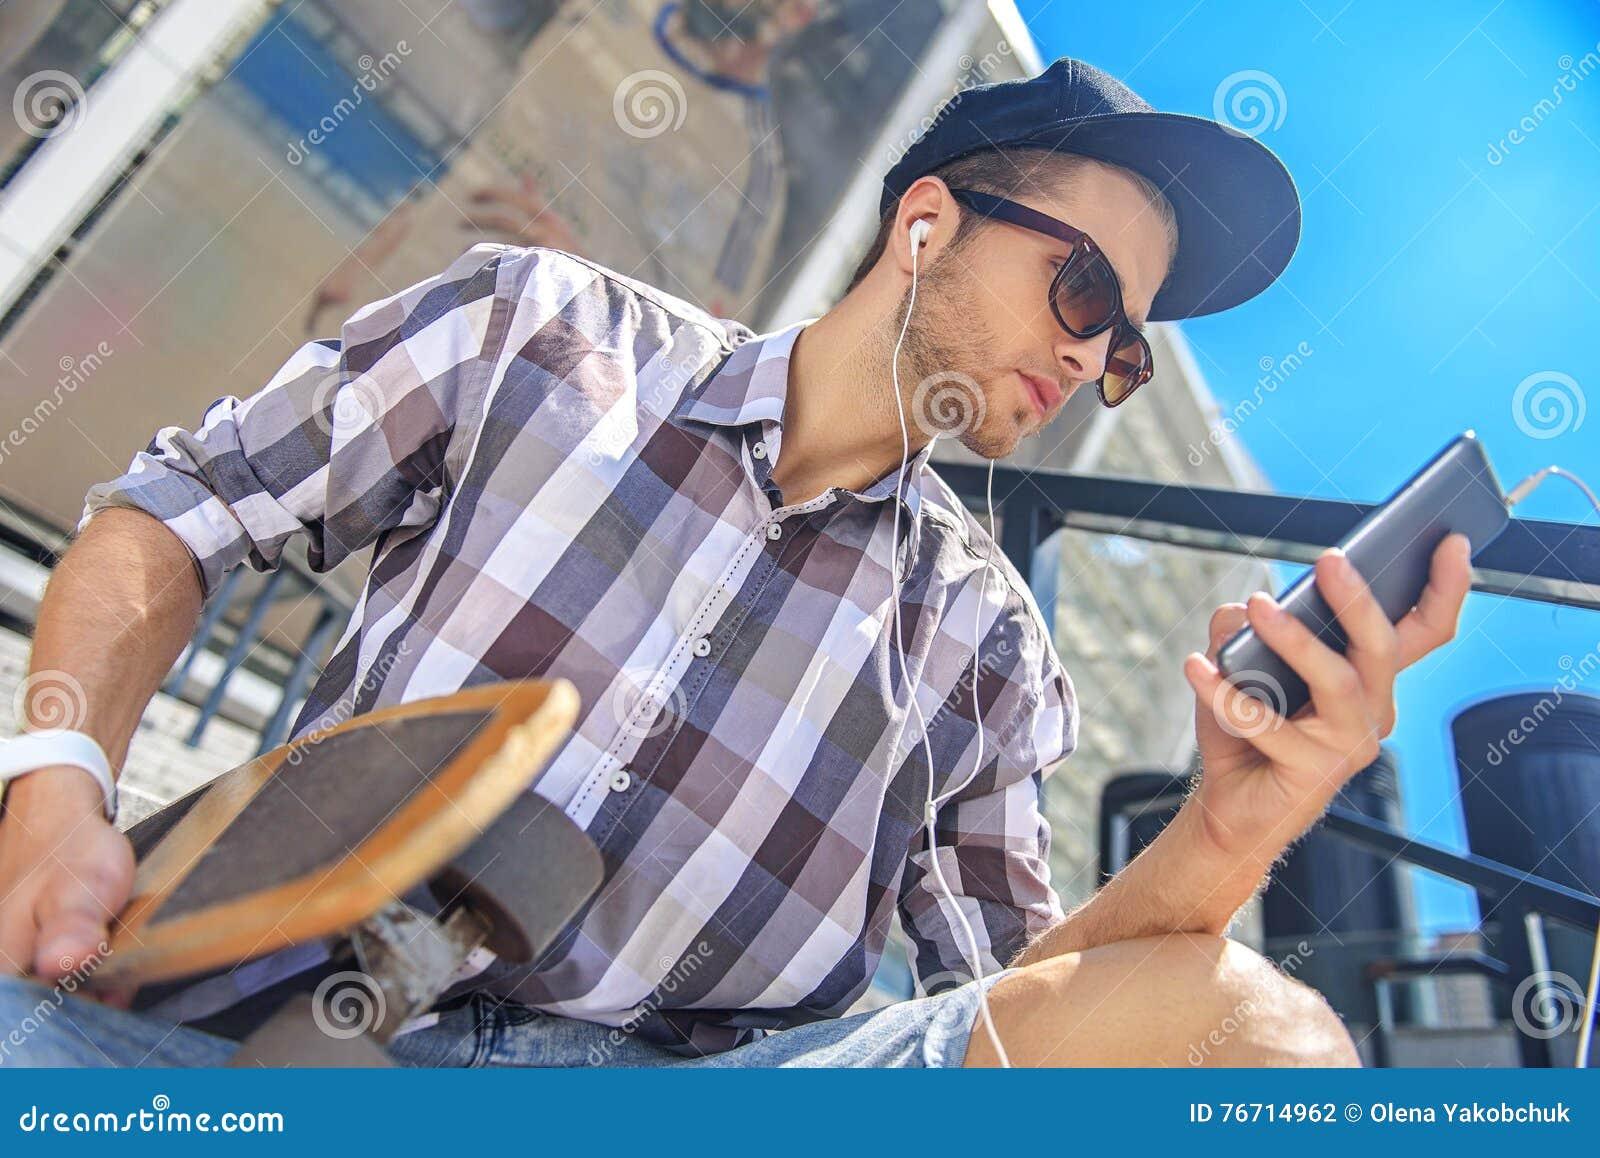 Junger Kerl kriegt Hilfe beim Ficken von Bi Jenny und Freundin